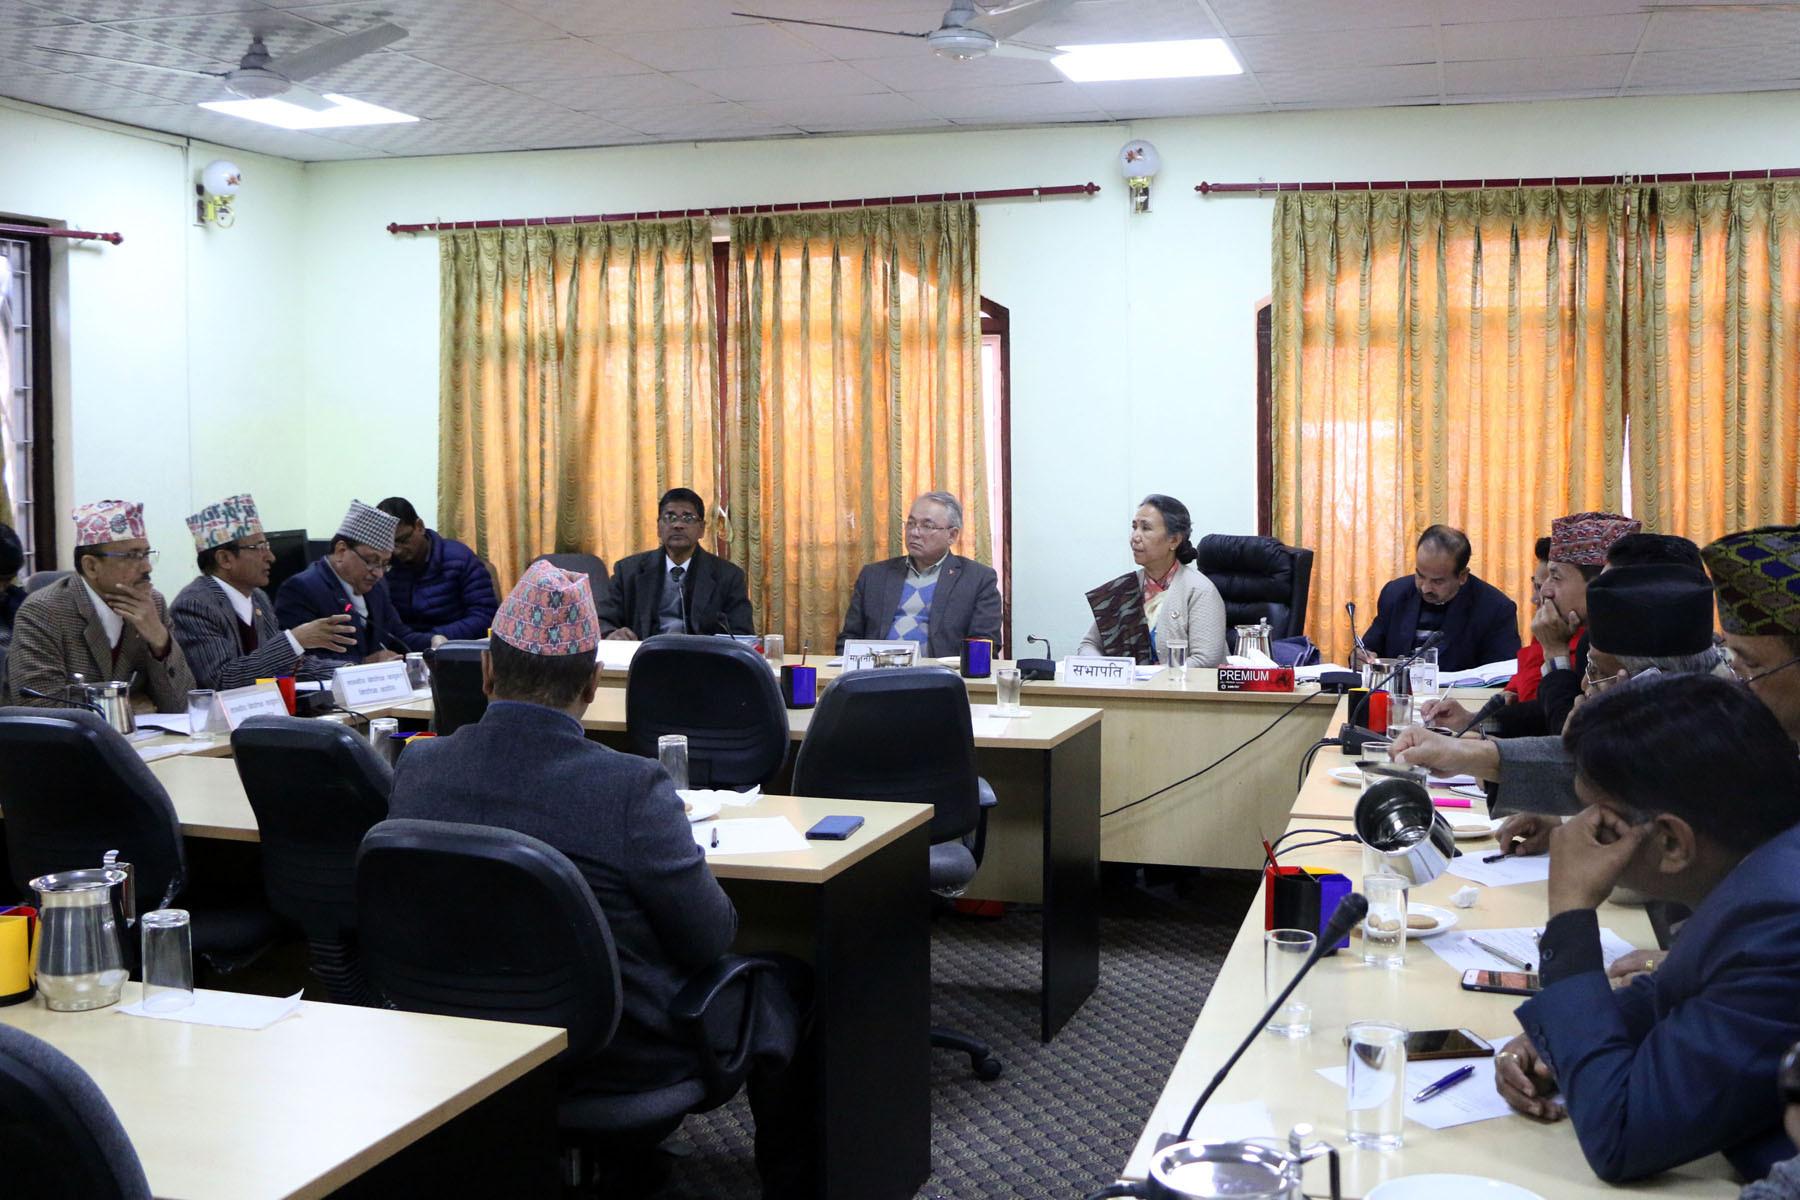 राज्य व्यवस्था समितिको बैठक। फोटो : नवीन पौडेल/रासस